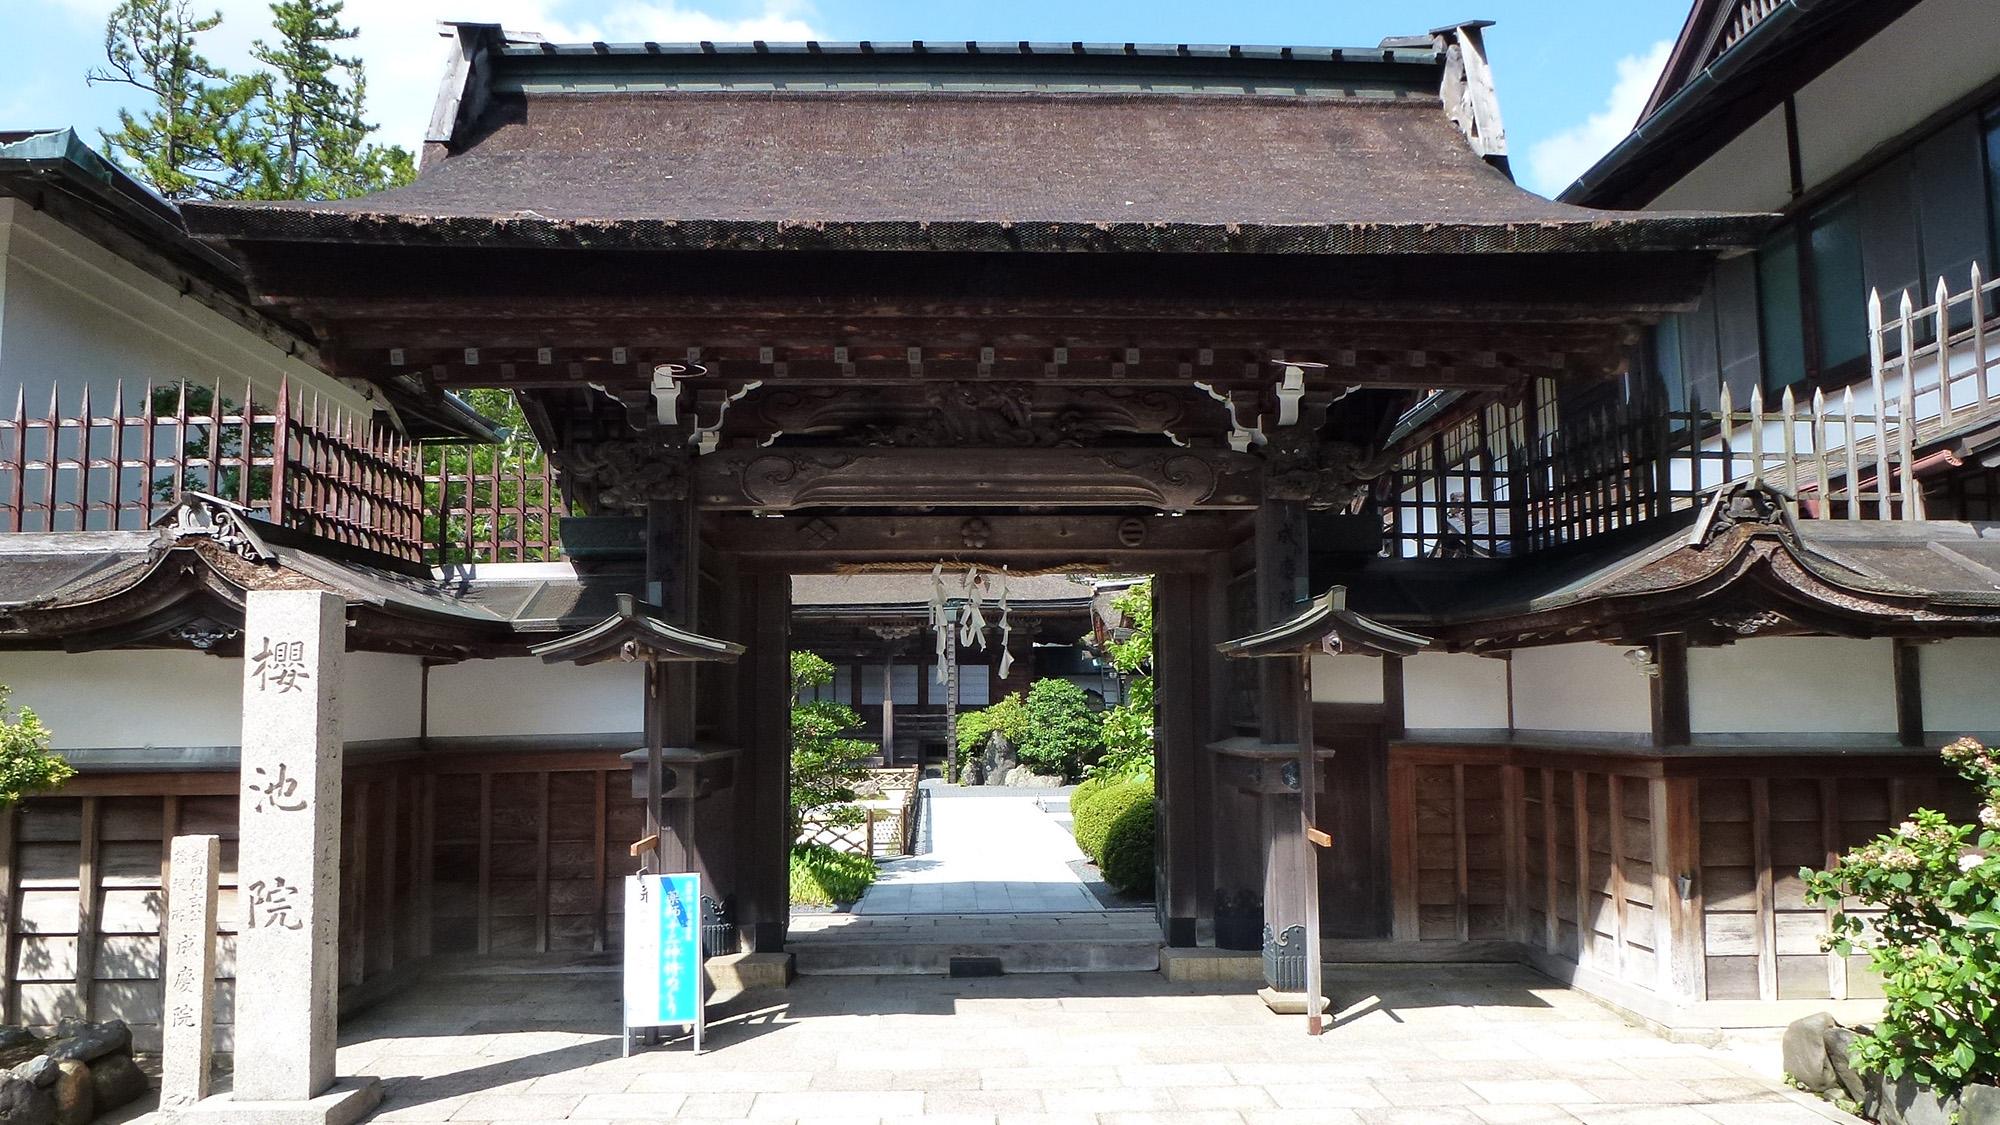 宿坊 桜池院 image